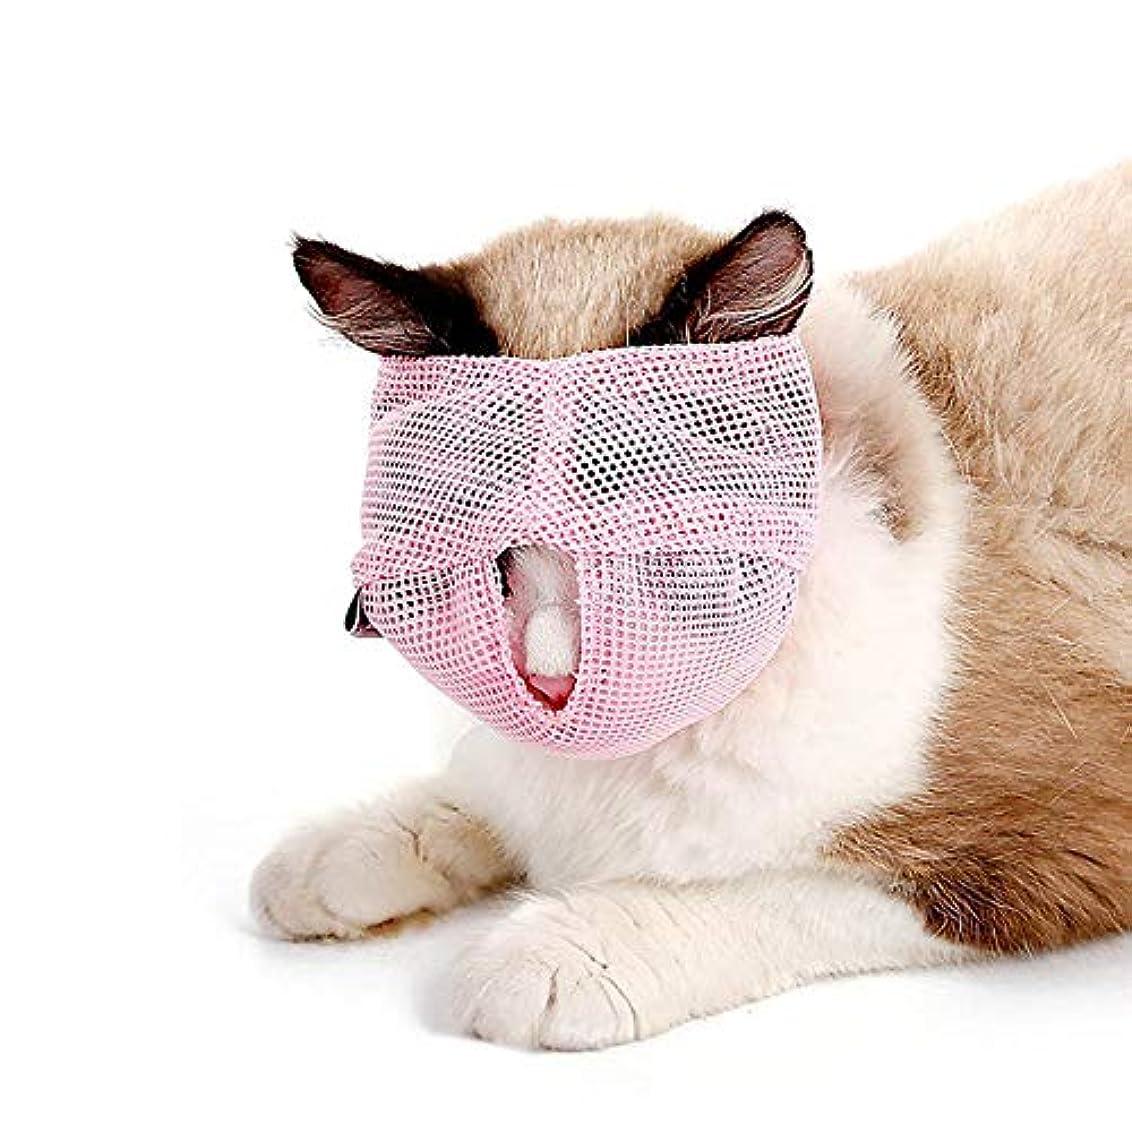 ライオン一緒に宙返りPovKeever 猫銃口 ヘッド多機能マスク メッシュ猫 通気性 調整可能 呼吸可能 メッシュ、傷や反噛み付き防止ブラック 猫用グルーミングツール 2色2サイズ選べる